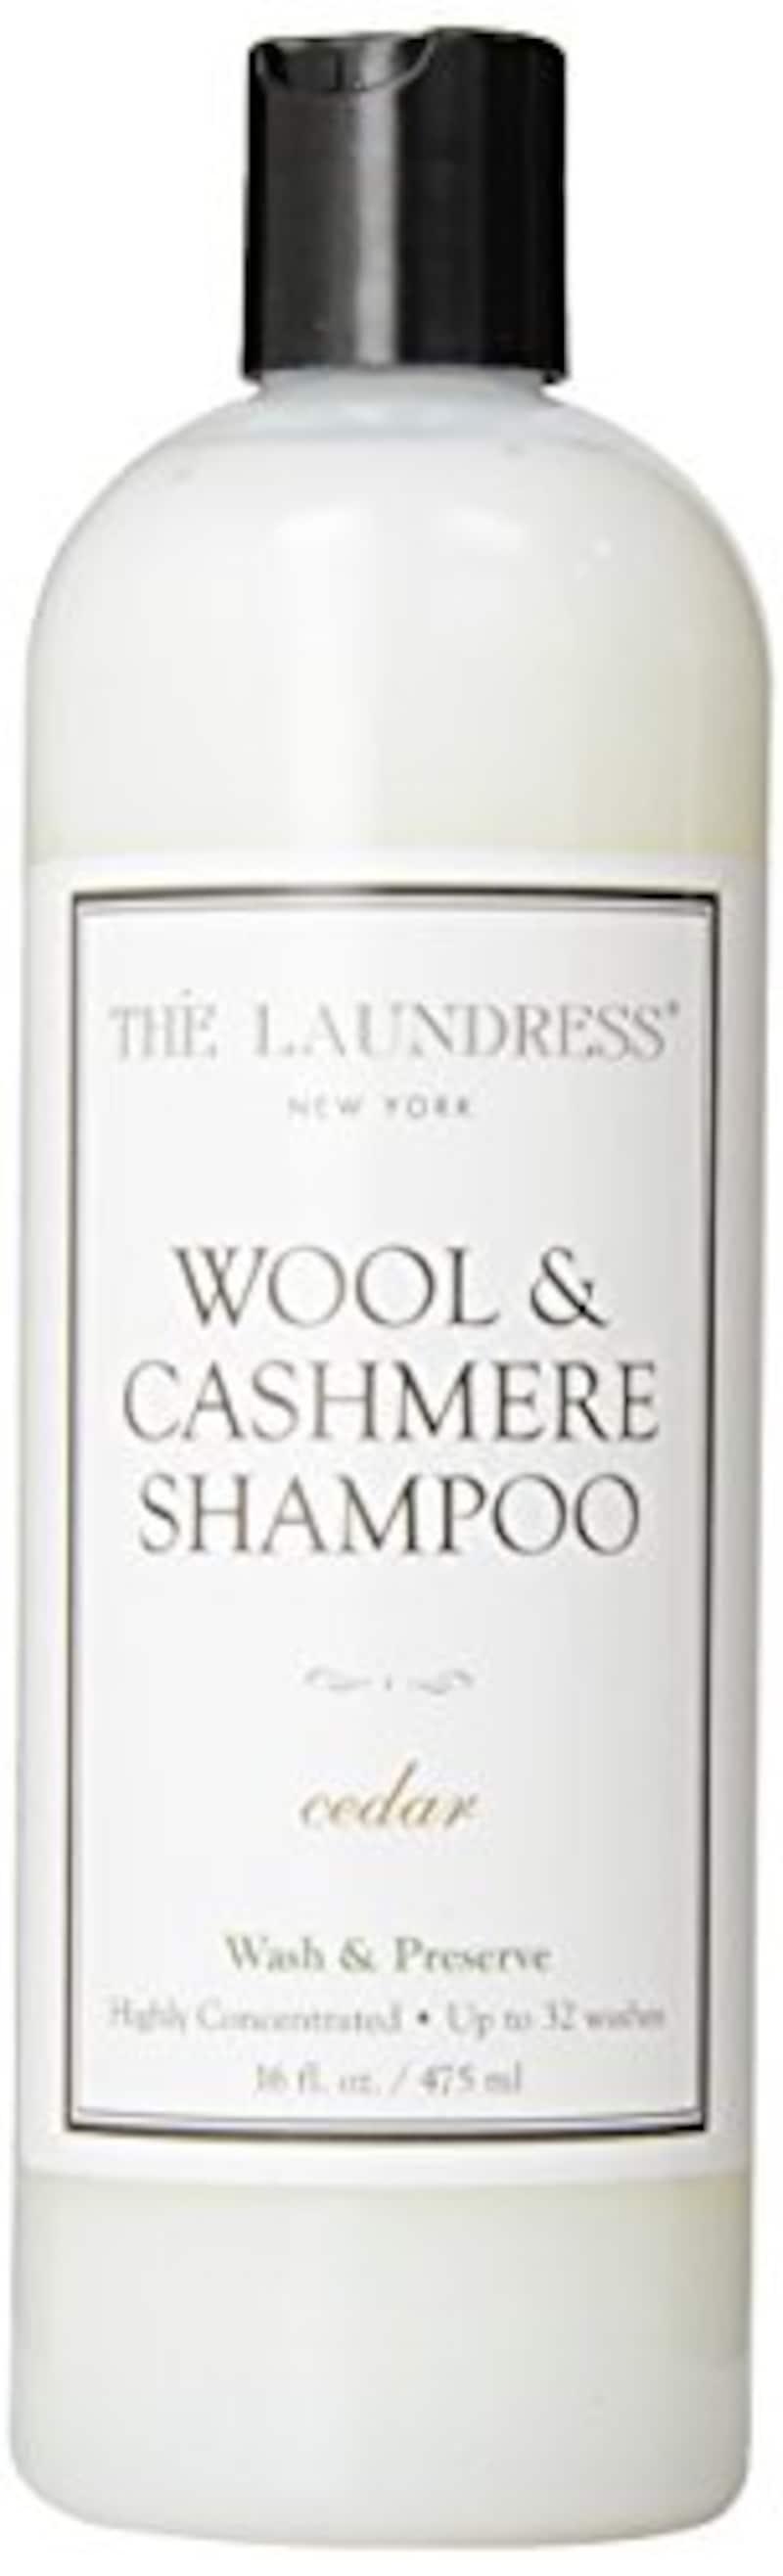 THE LAUNDRESS(ザ・ランドレス),  ウールカシミアシャンプー cedarの香り475ml